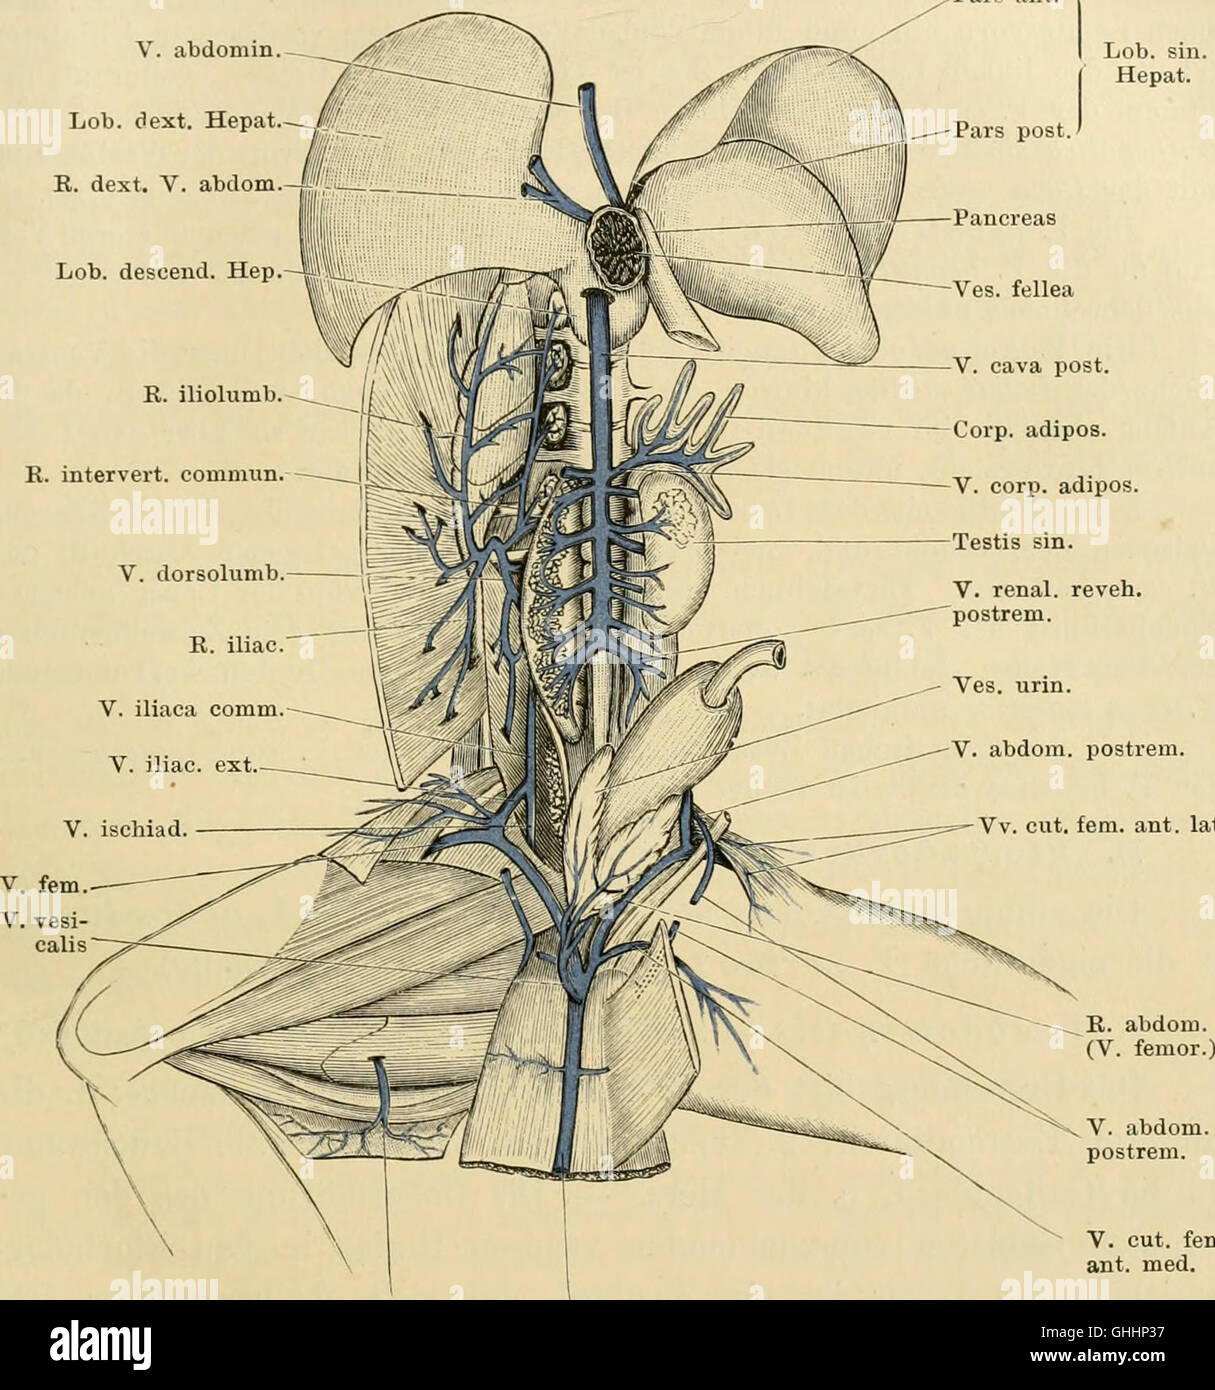 Gemütlich Blasenhals Anatomie Galerie - Anatomie Von Menschlichen ...